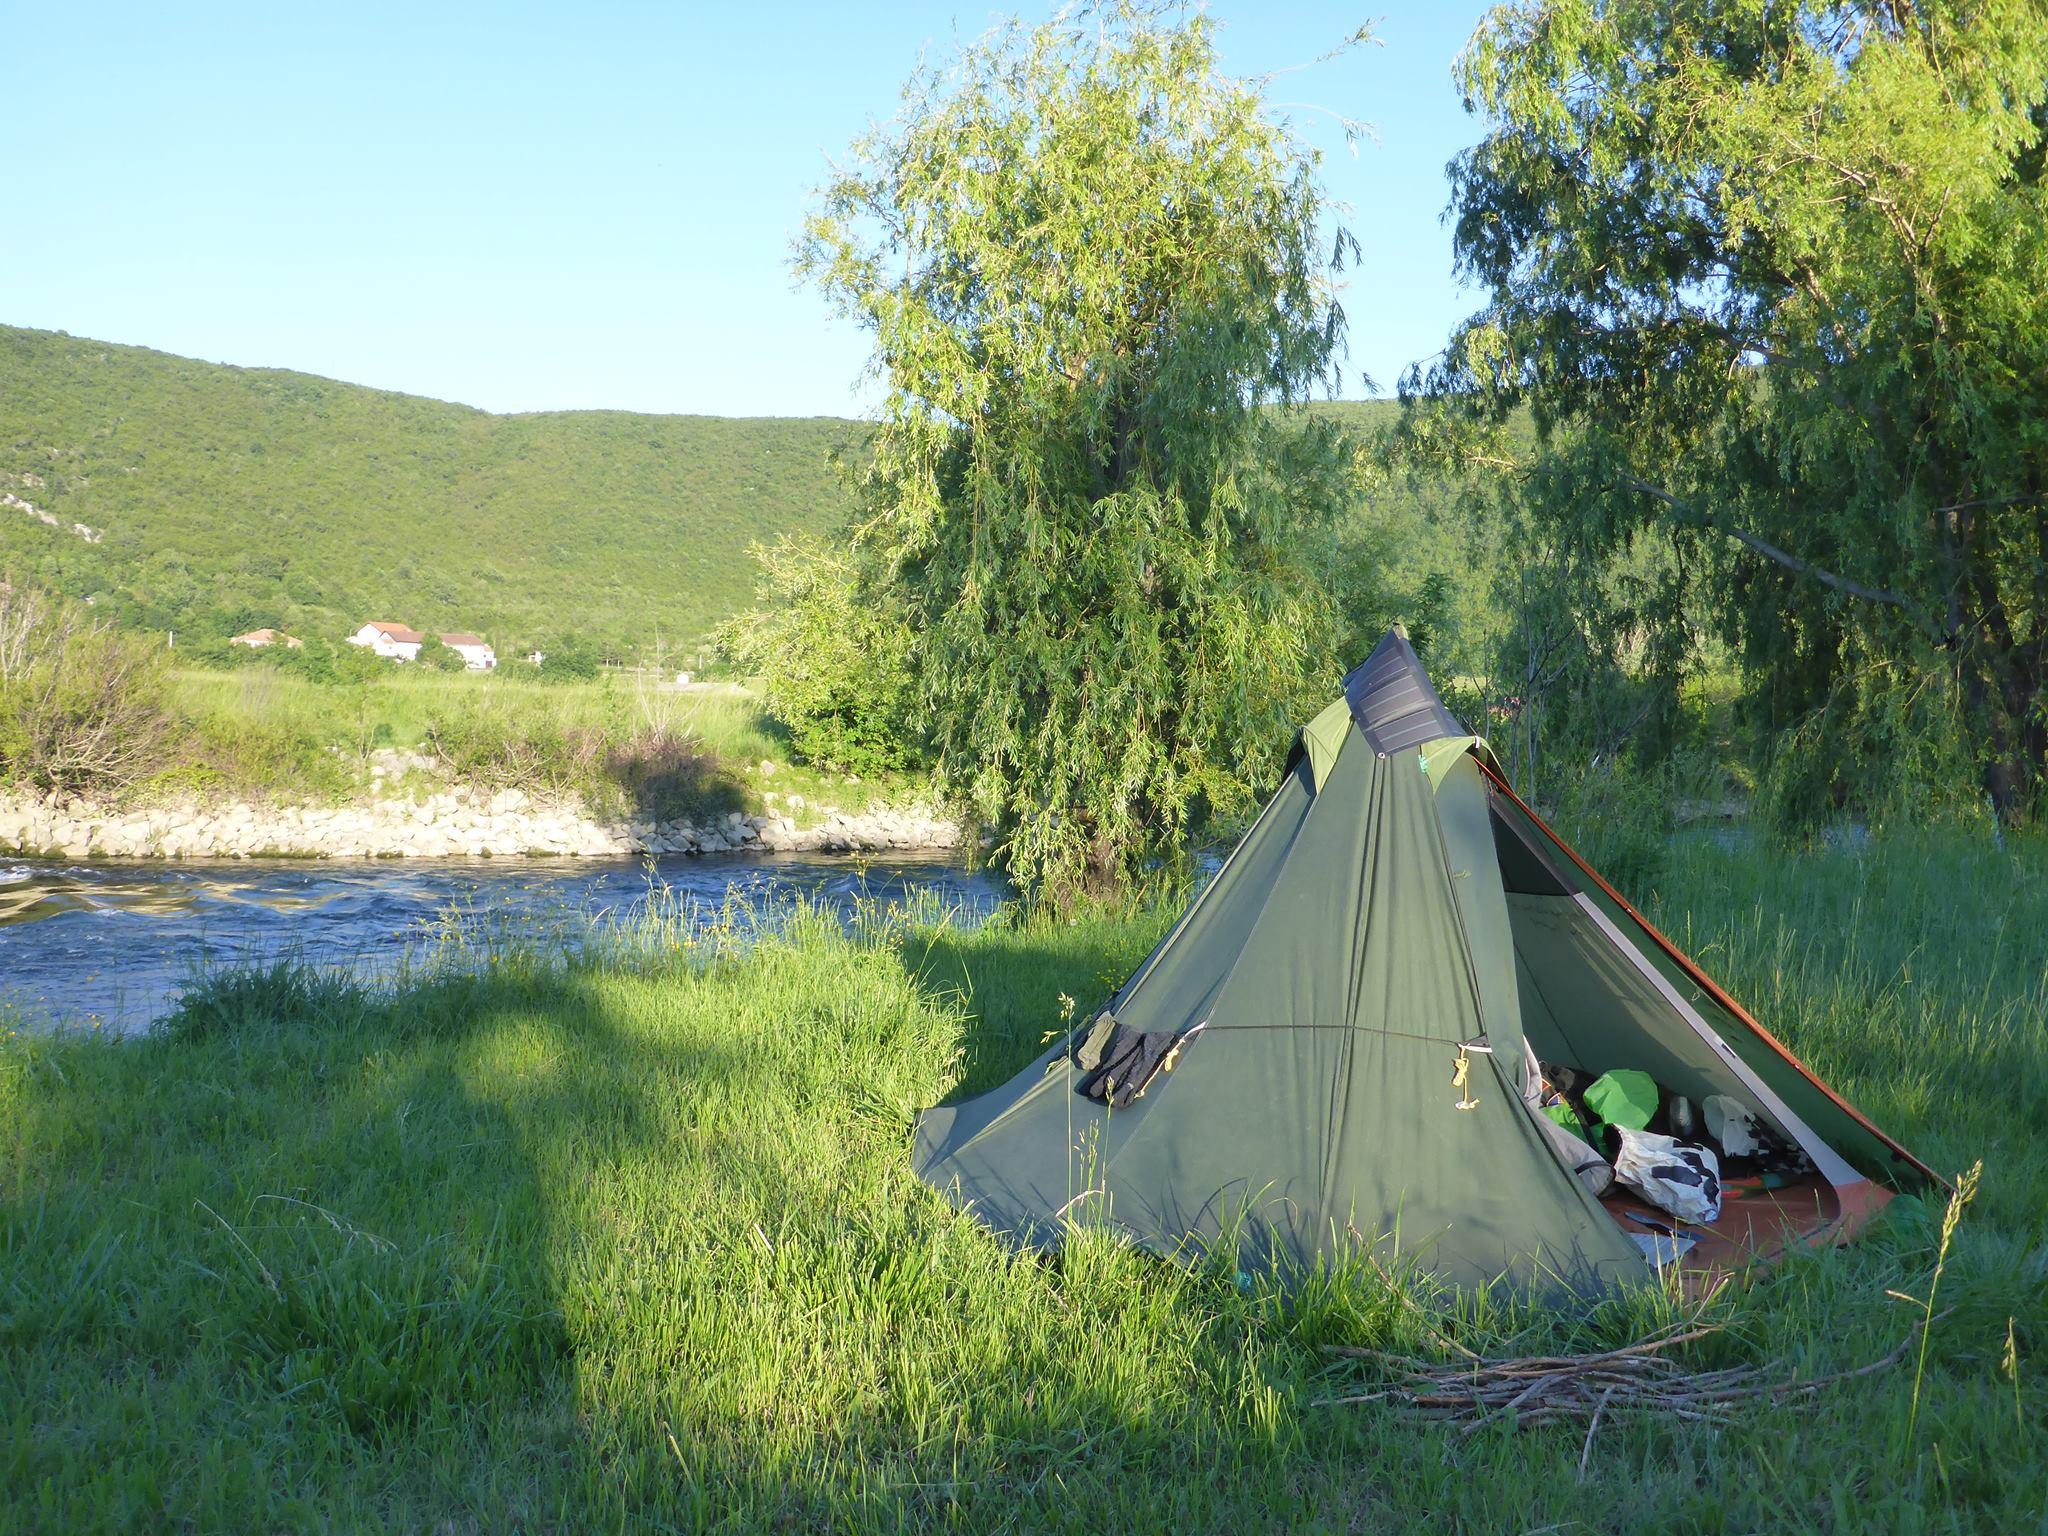 Je retrouve avec délice le plaisir des bivouacs près des rivières